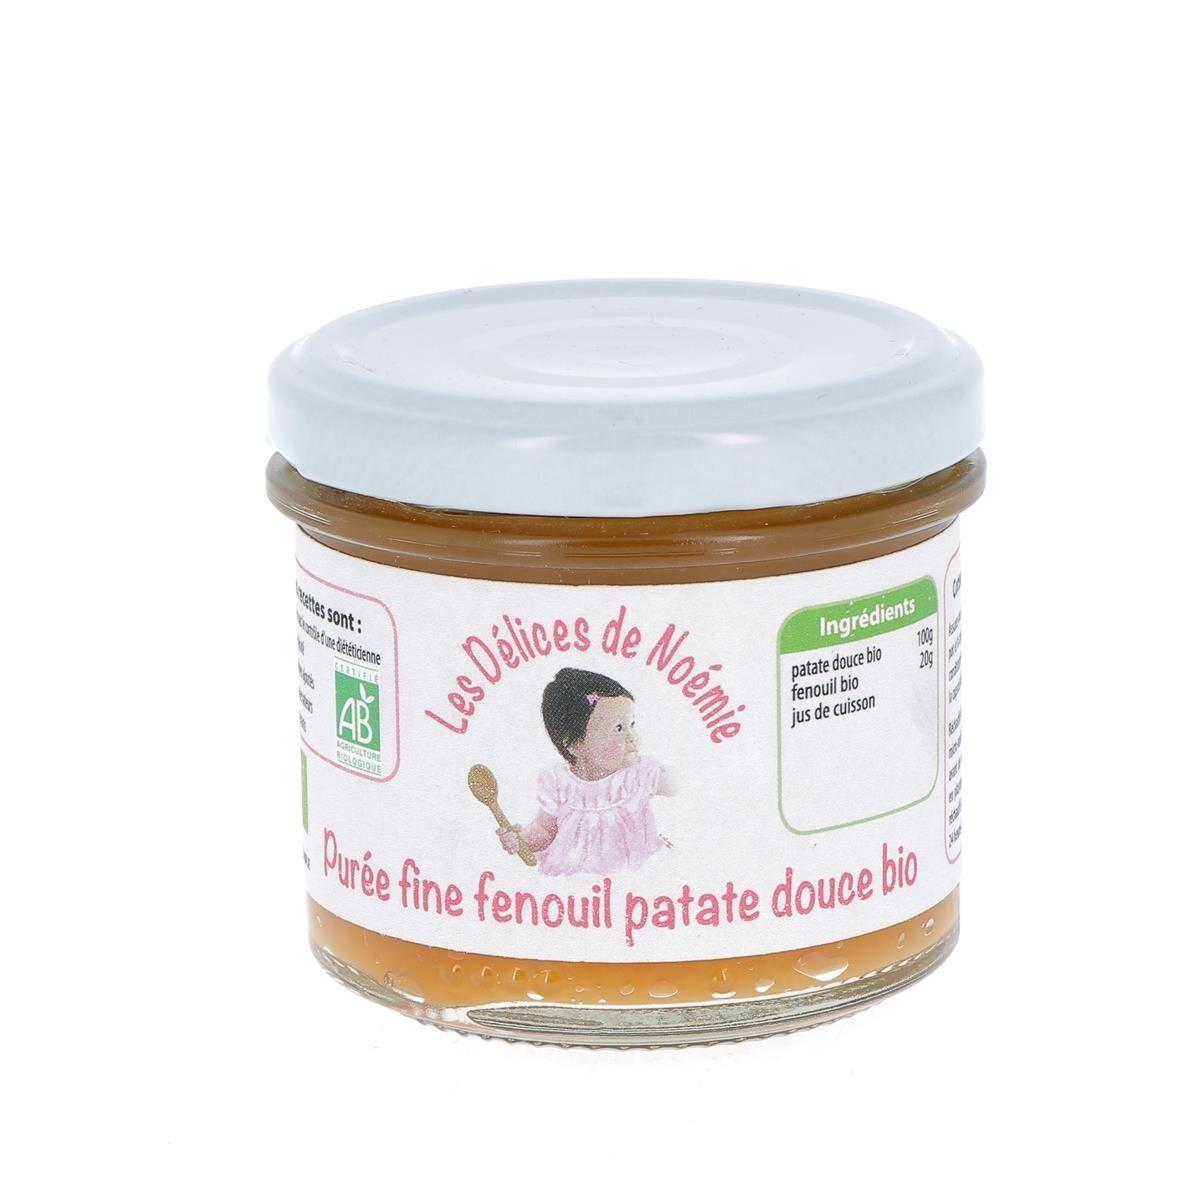 Issu D'à Côté Purée fine fenouil patate douce bio, 120 g